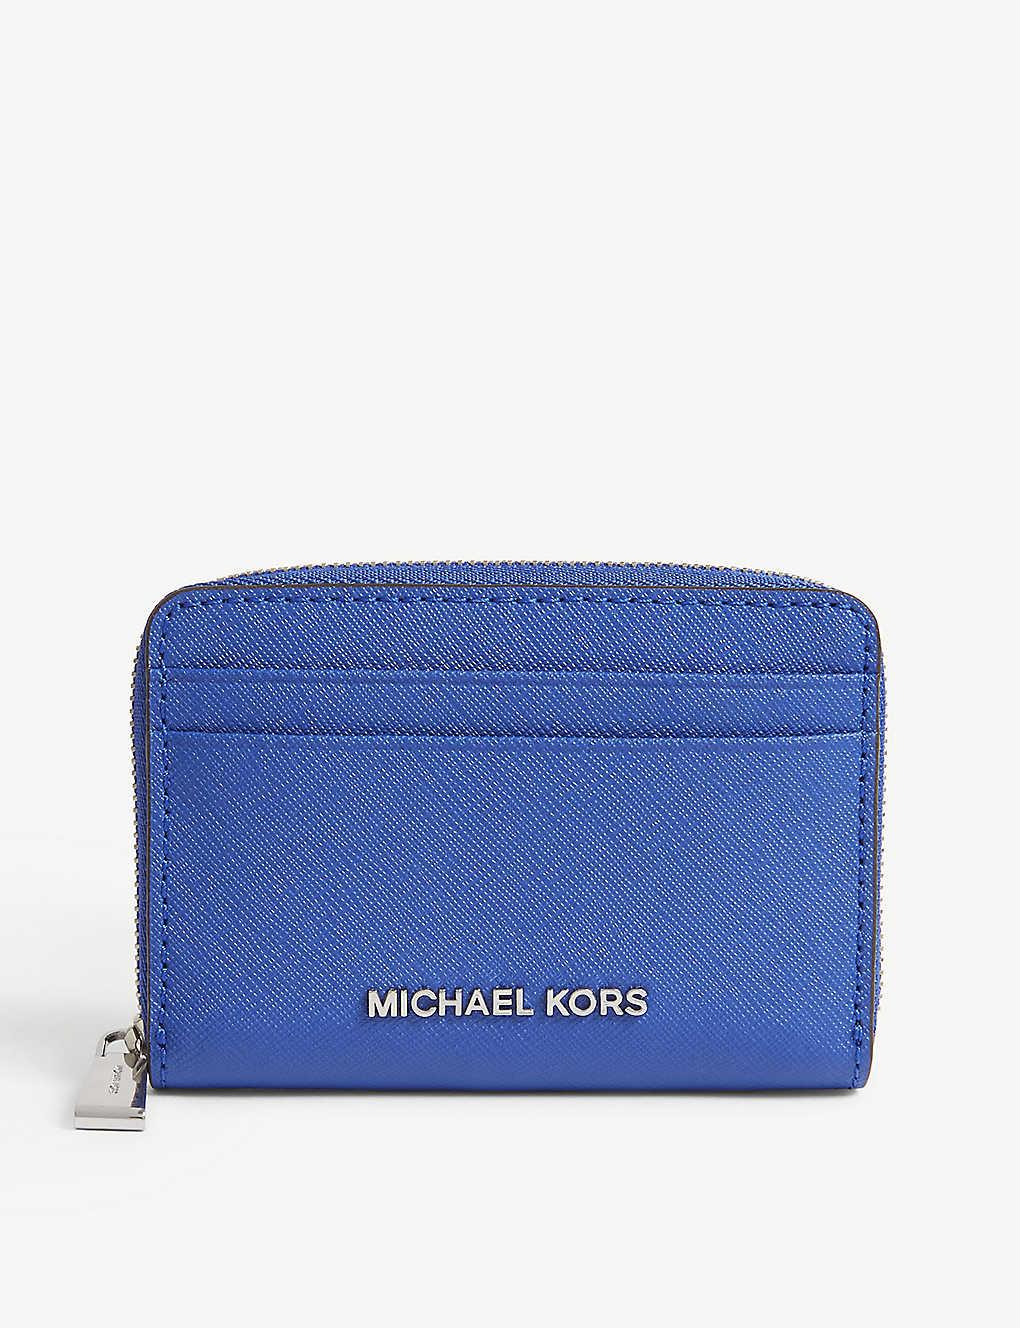 new concept 9a8d7 4d07d MICHAEL MICHAEL KORS - Money Pieces Saffiano leather zipped card ...